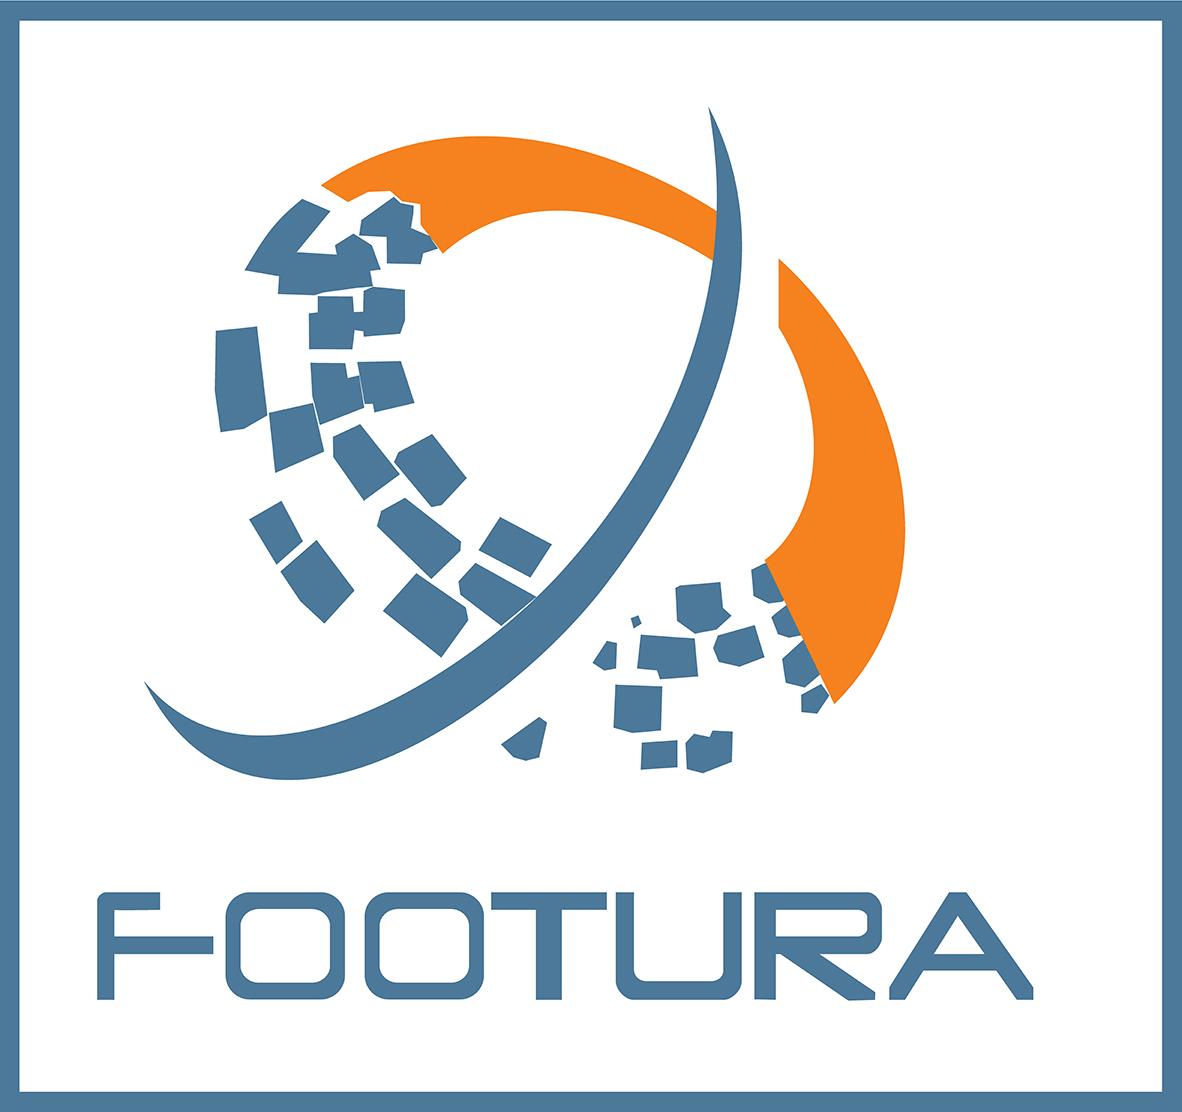 Footura